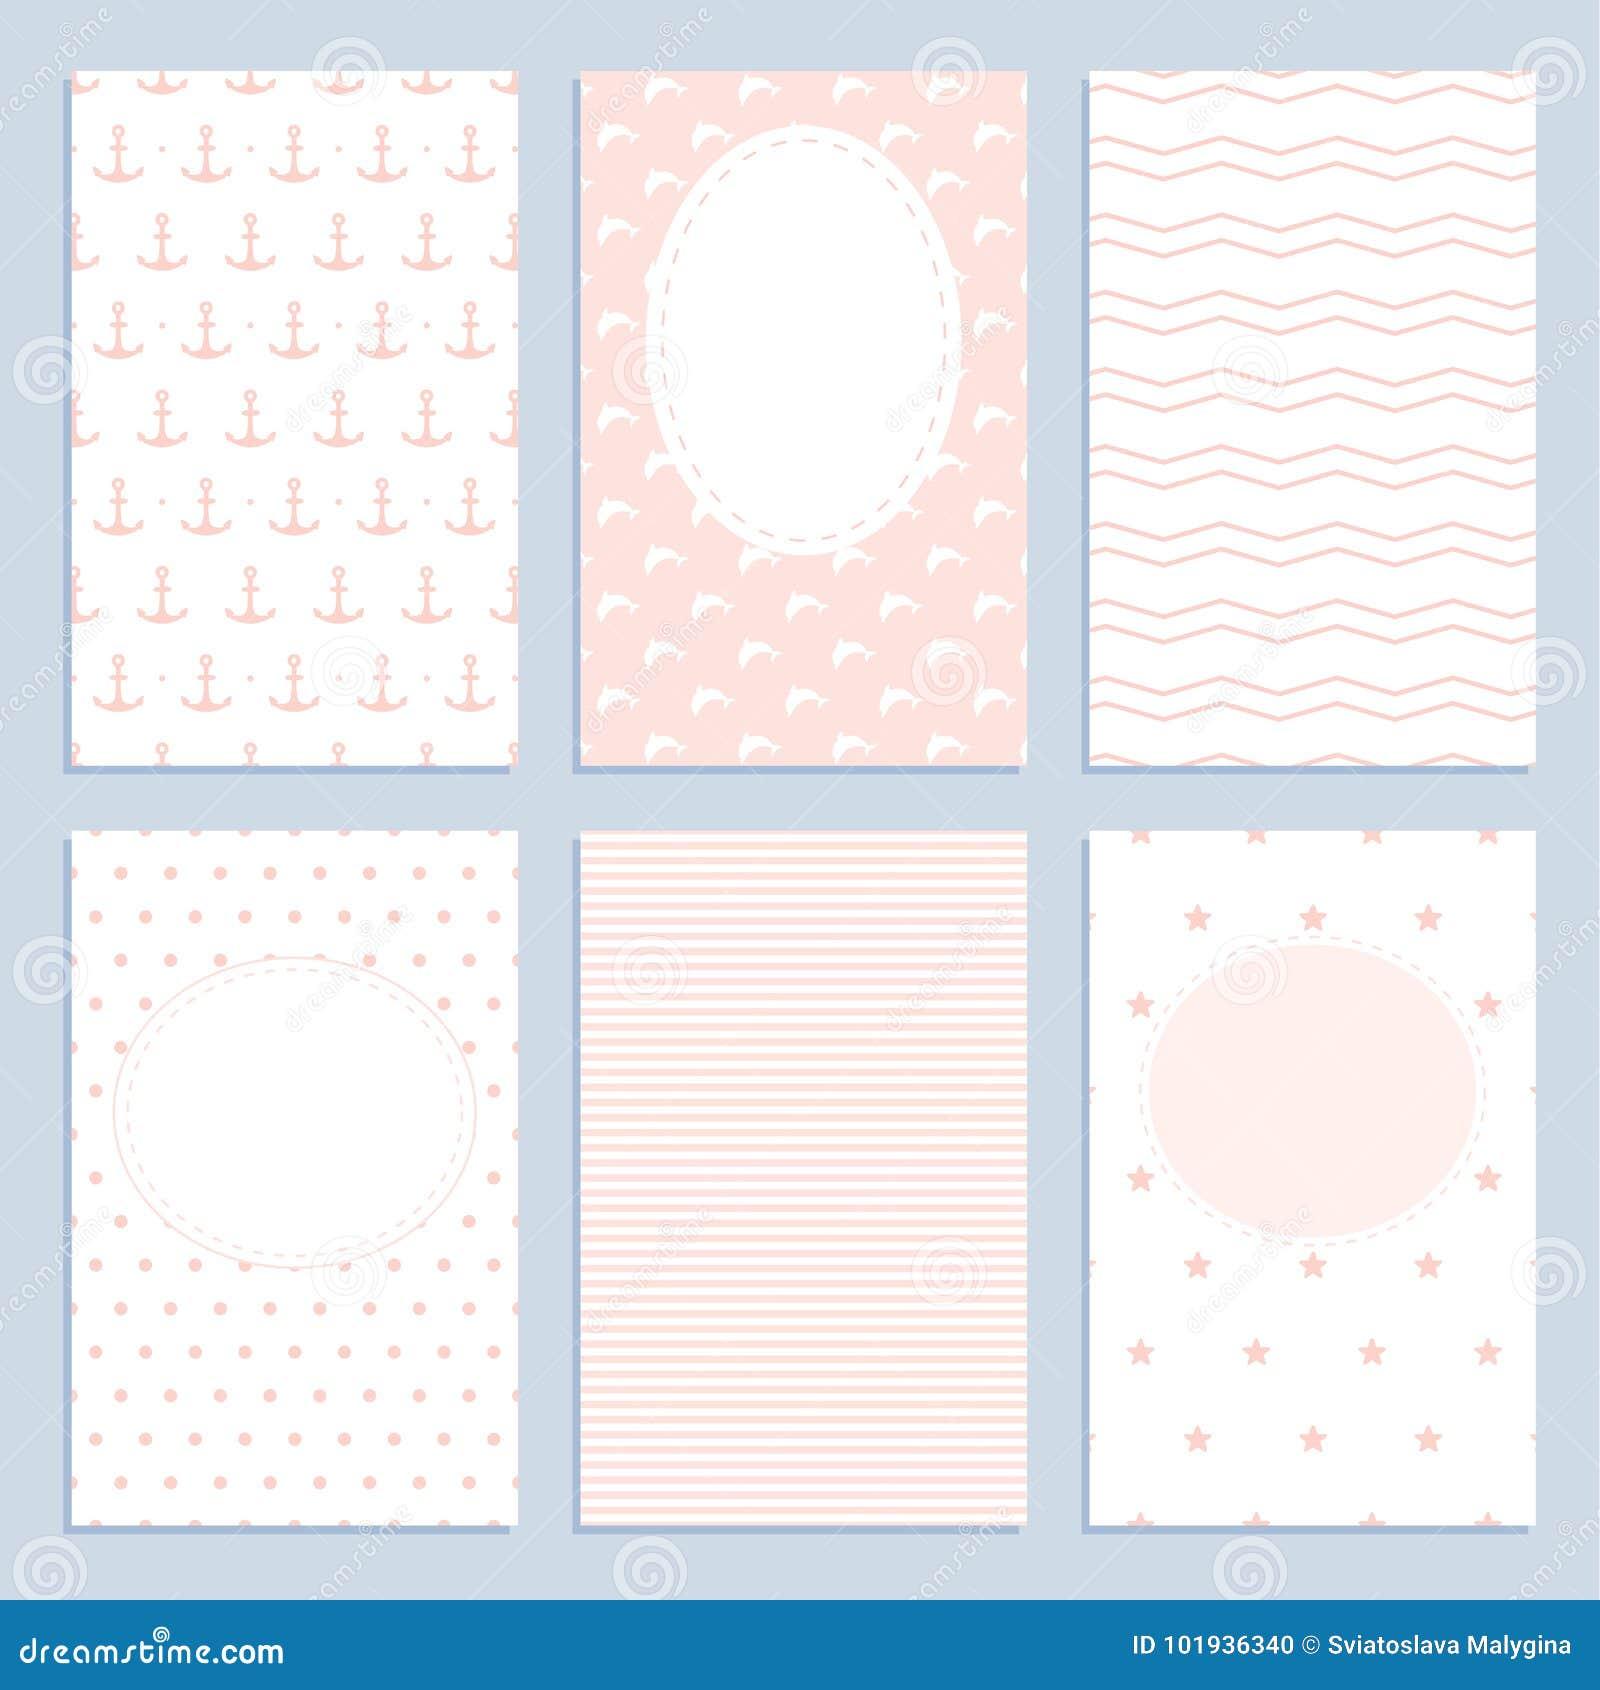 Комплект поздравительных открыток в морском стиле для девушек